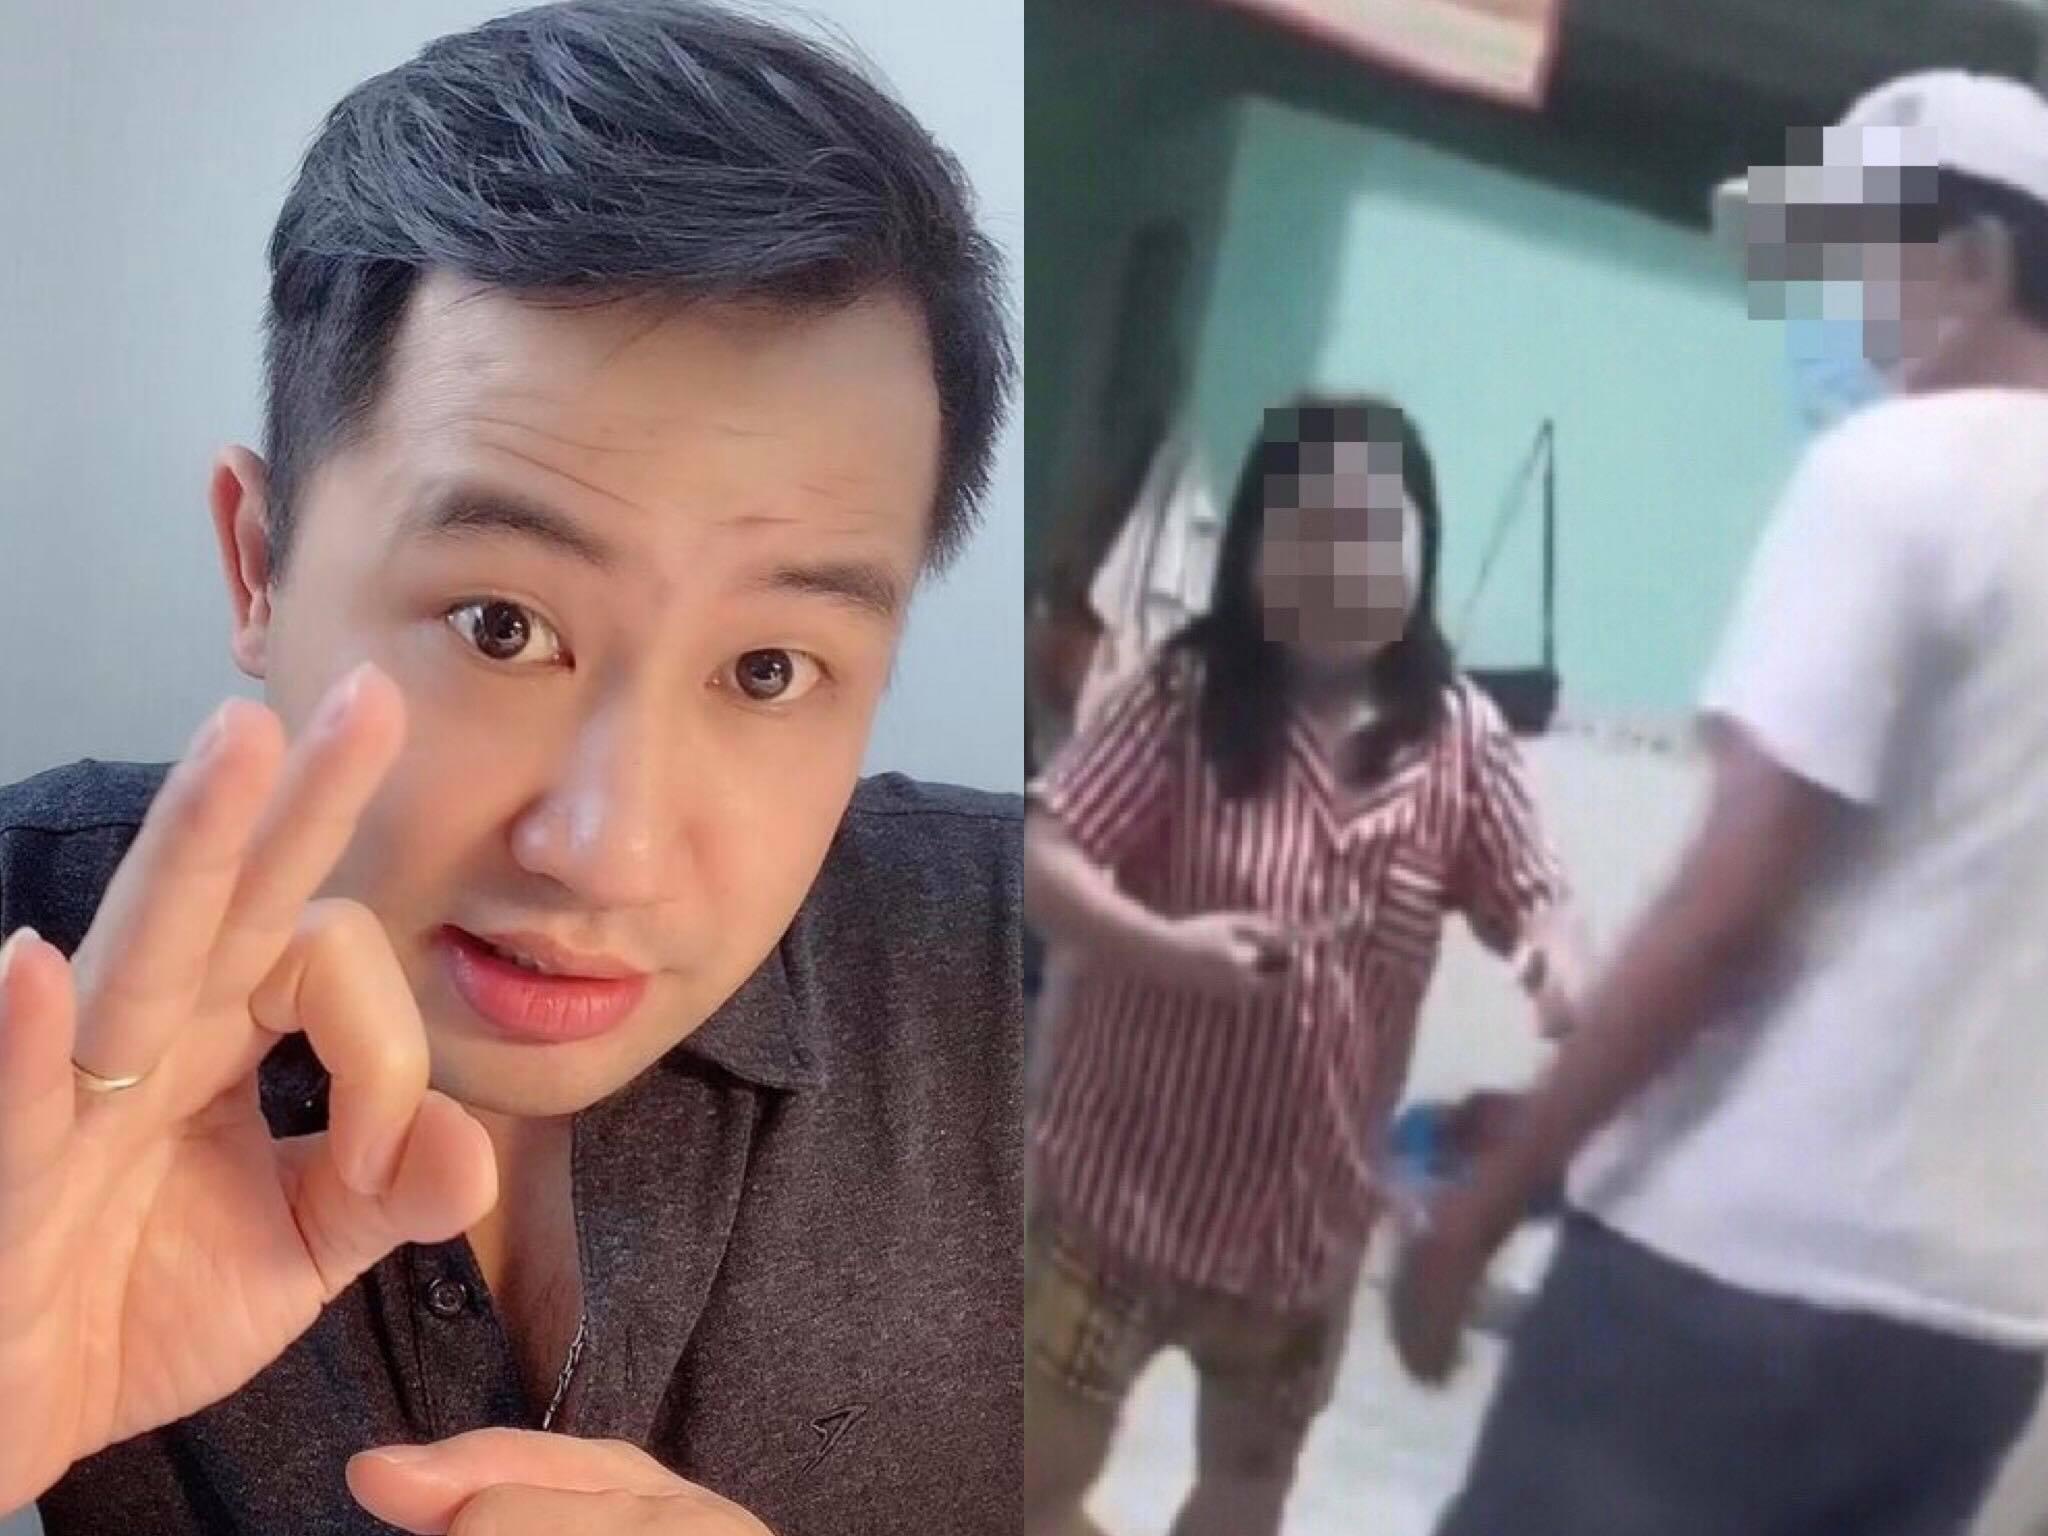 Trương Quốc Anh hé lộ tiền ủng hộ nữ khách trọ chây ì tiền nhà bị đuổi, động thái bất ngờ khiến dân mạng 'réo' tên bà Phương Hằng